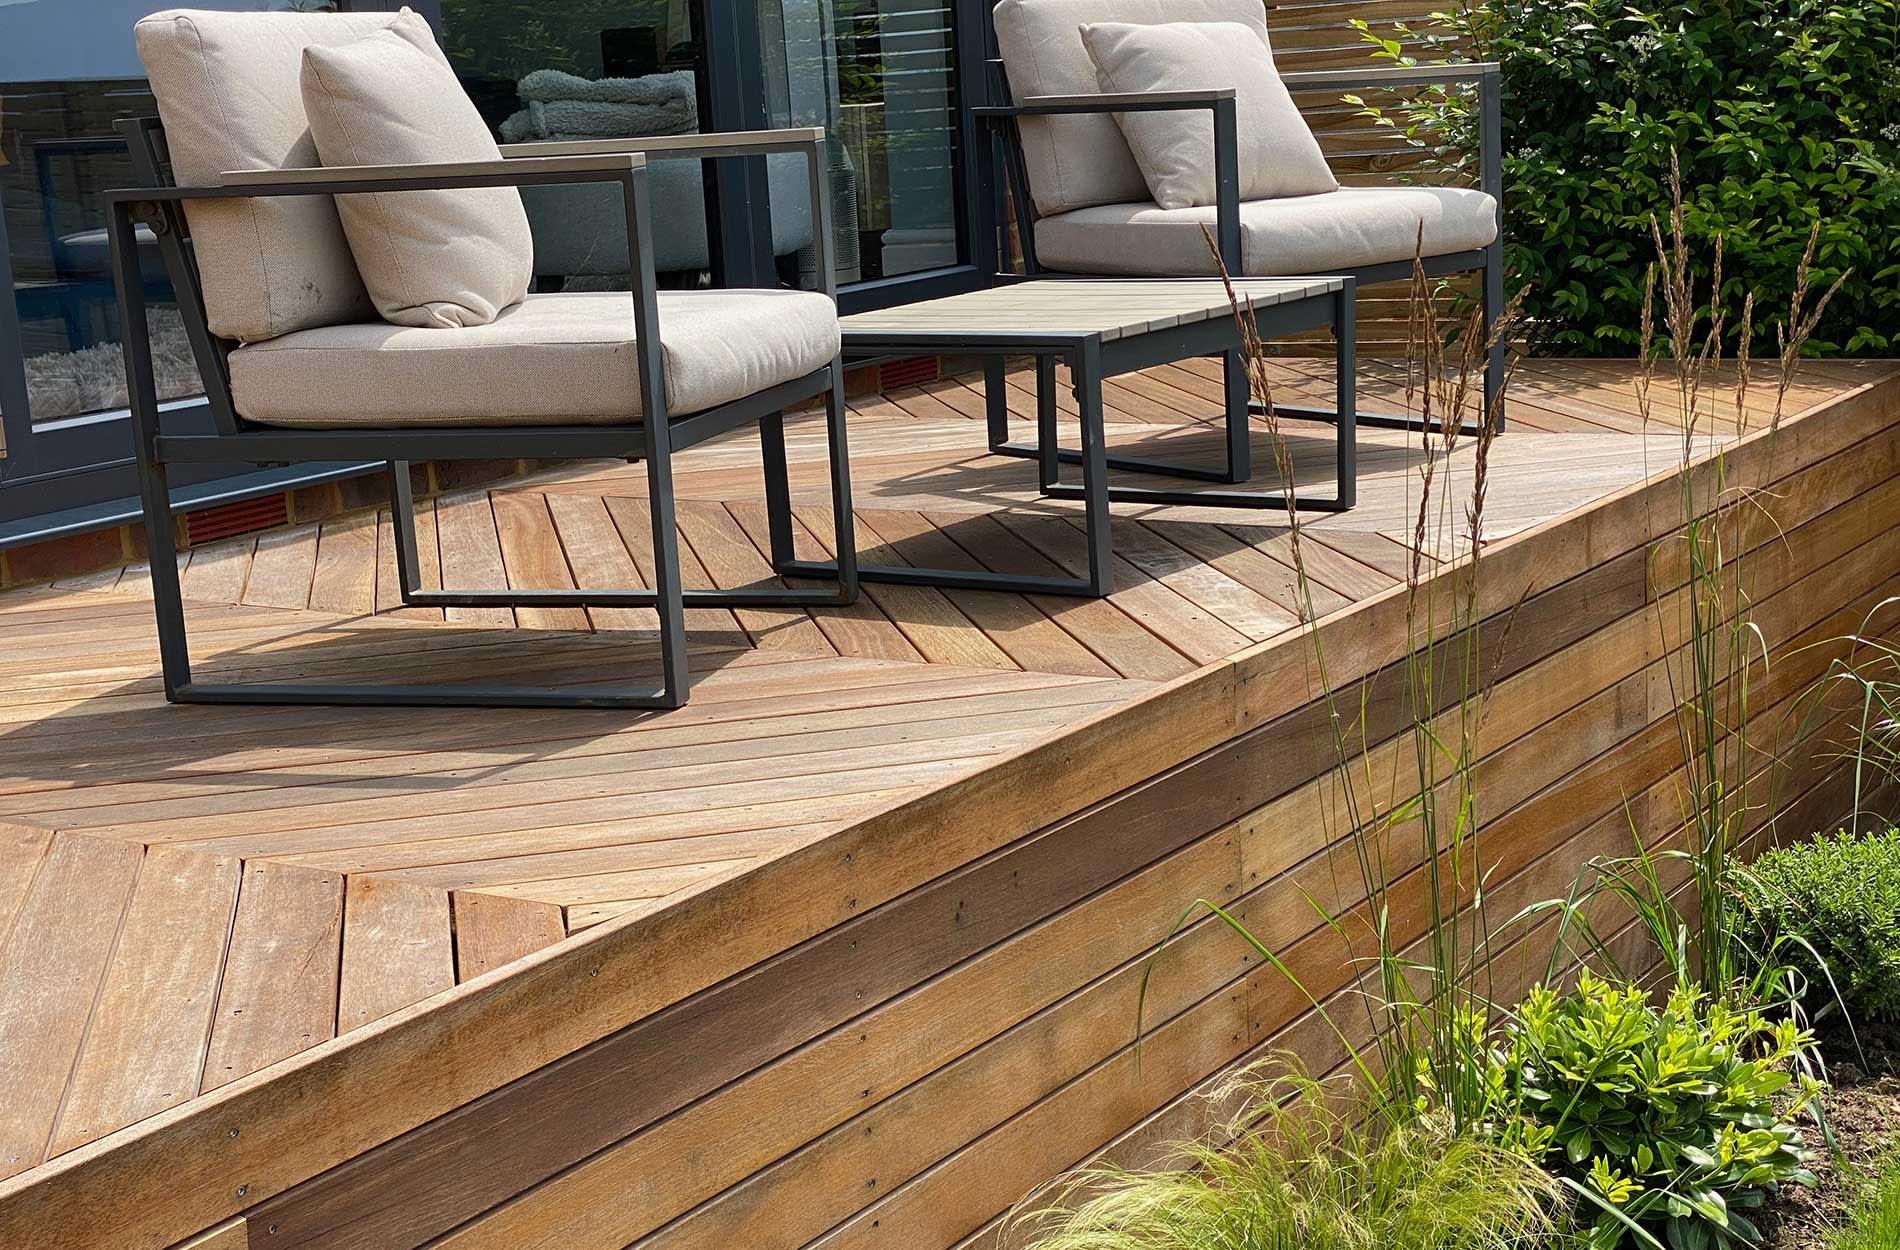 WA chevron deck design